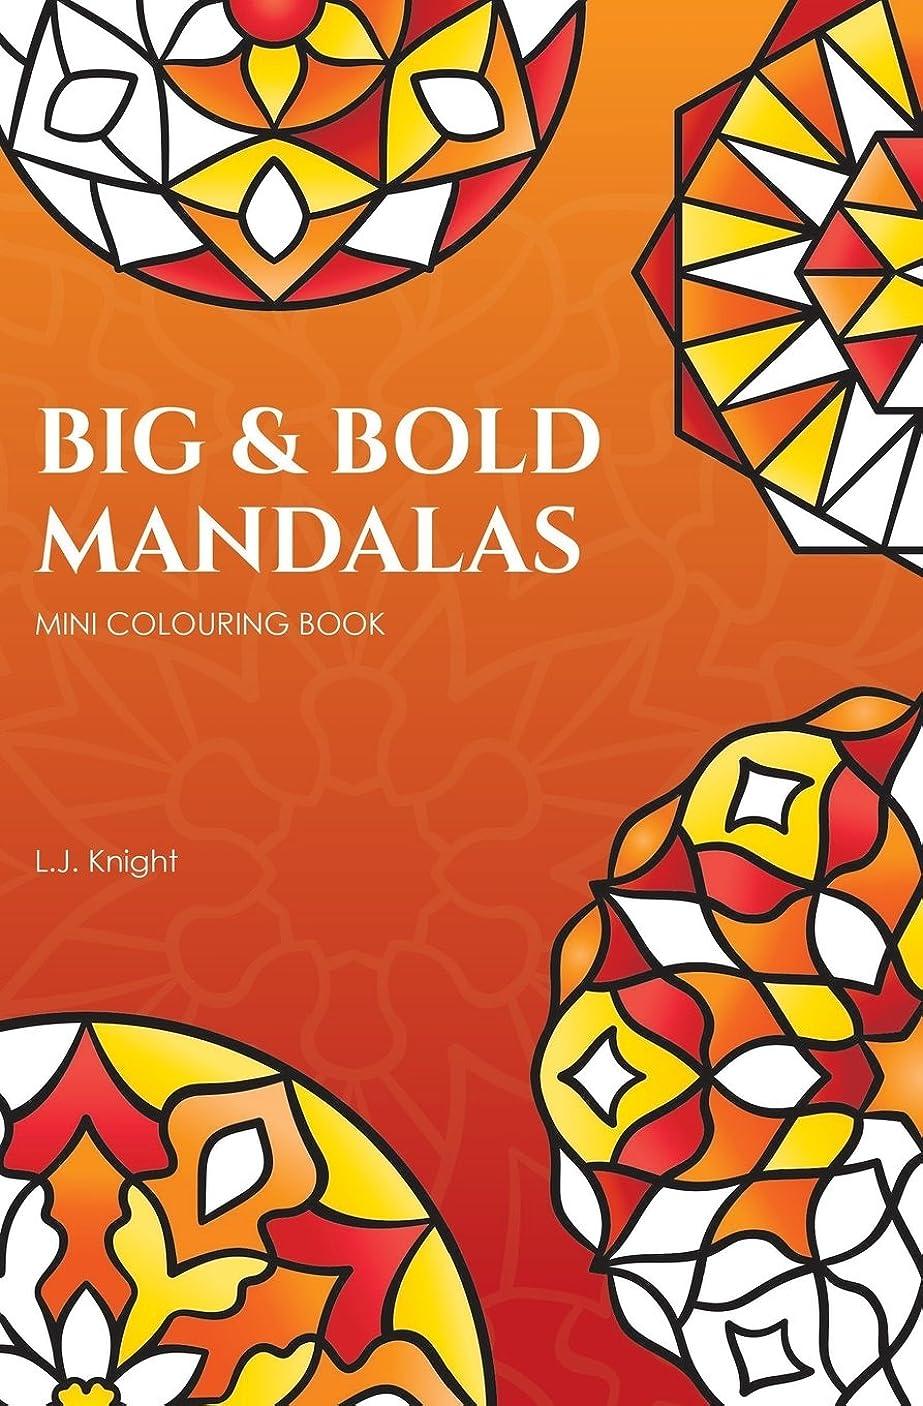 銀行滝エンドテーブルBig and Bold Mandalas Mini Colouring Book: 50 Simple Travel Size Mandalas With Thick Lines For Easy Colouring